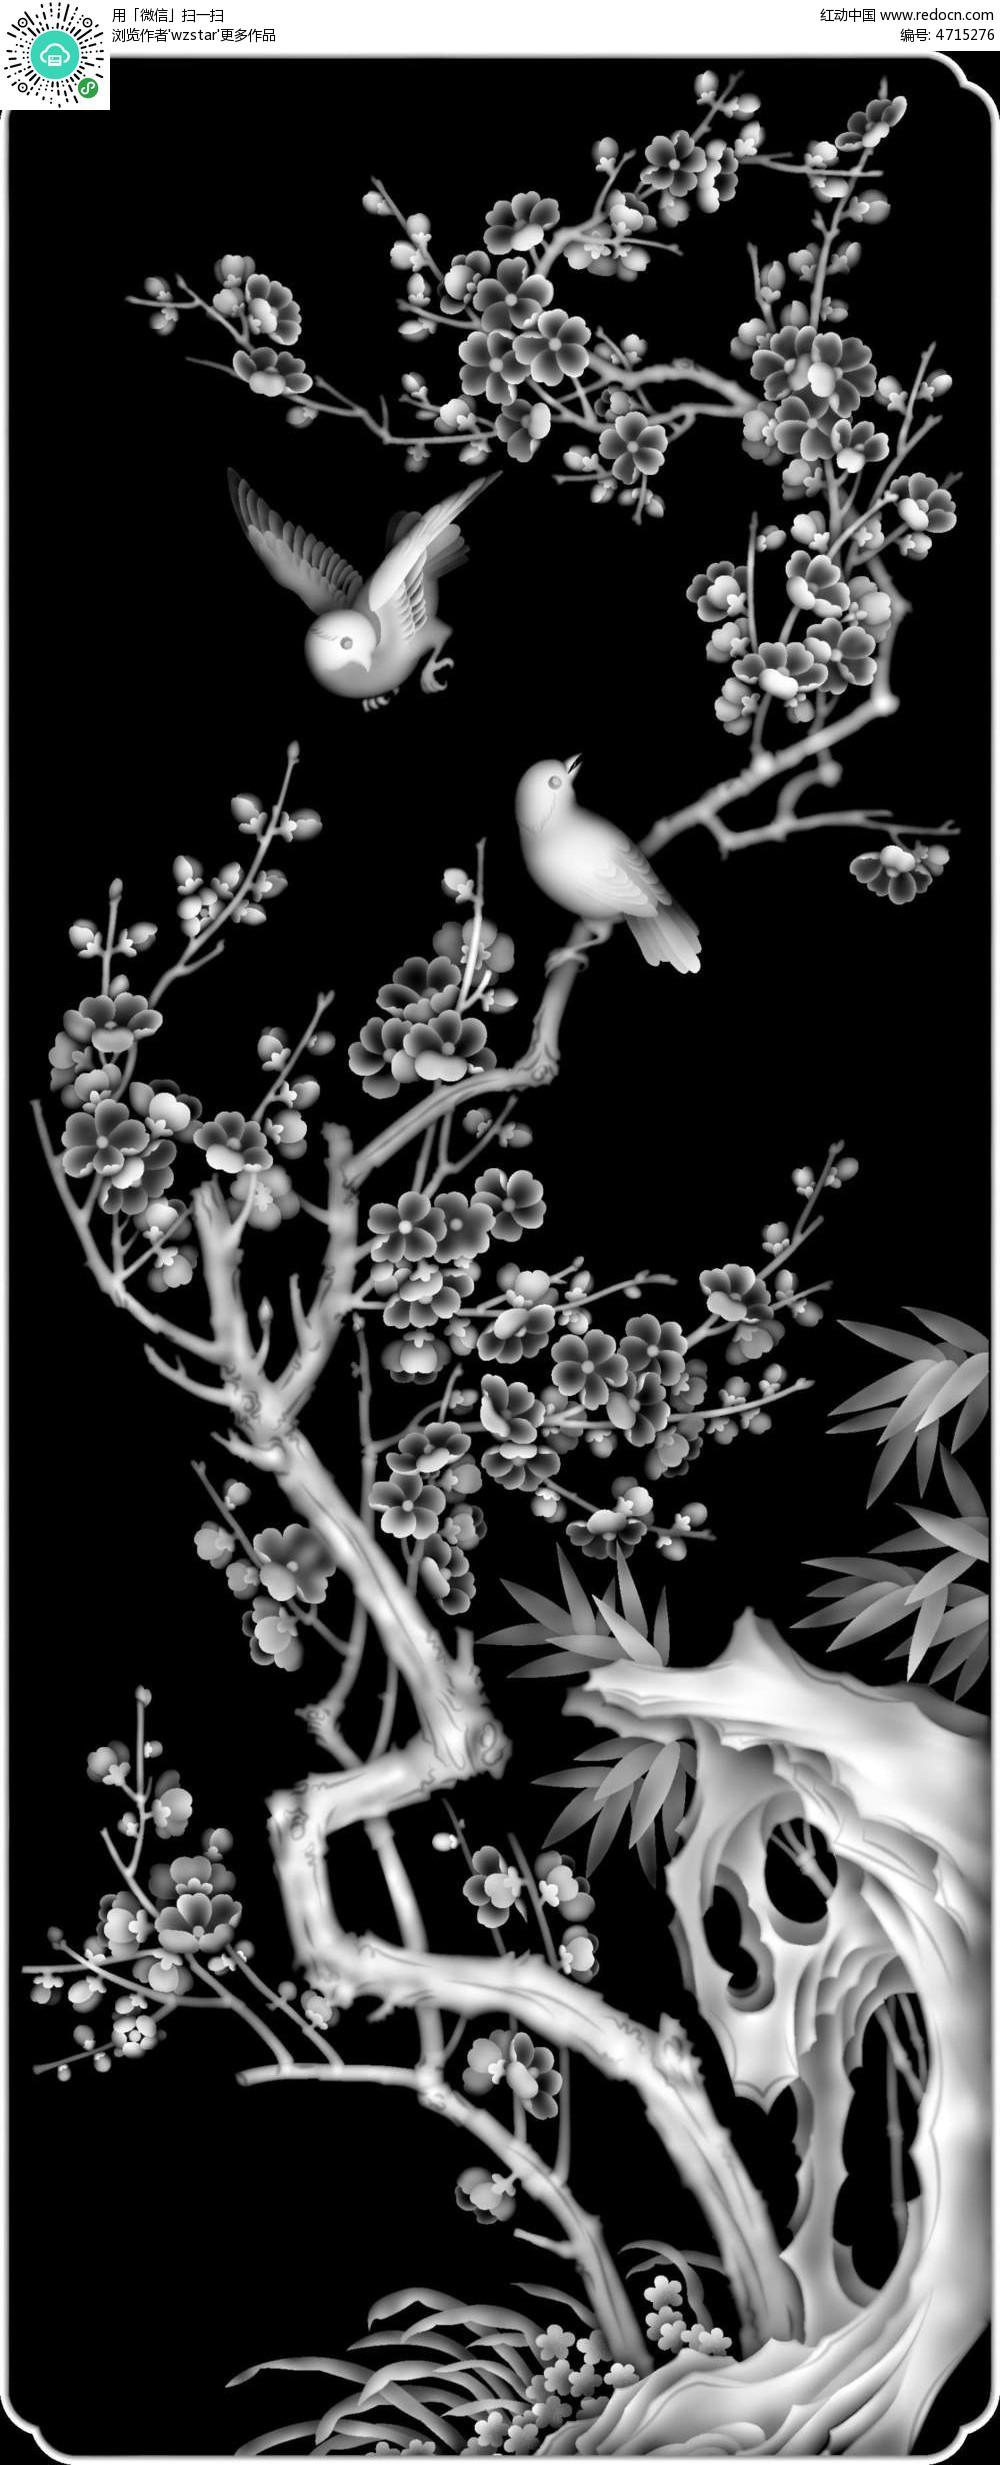 中国风 植物 小鸟 树枝 浮雕 浮雕灰度图 浮雕图模板 雕花 灰度图